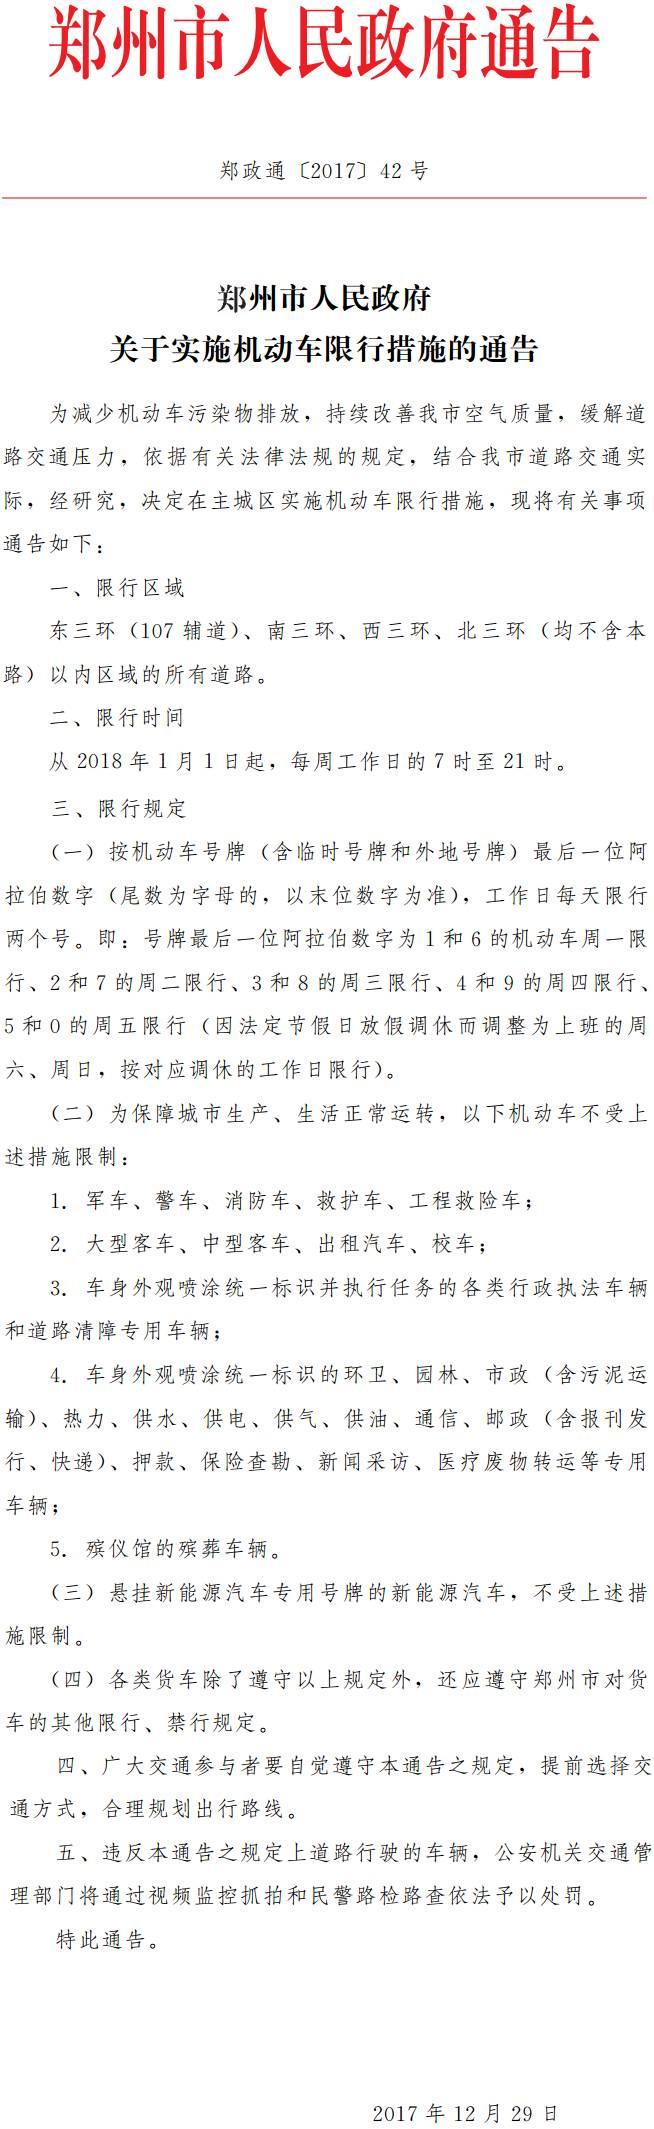 郑政通〔2017〕42号《郑州市人民政府关于实施机动车限行措施的通告》